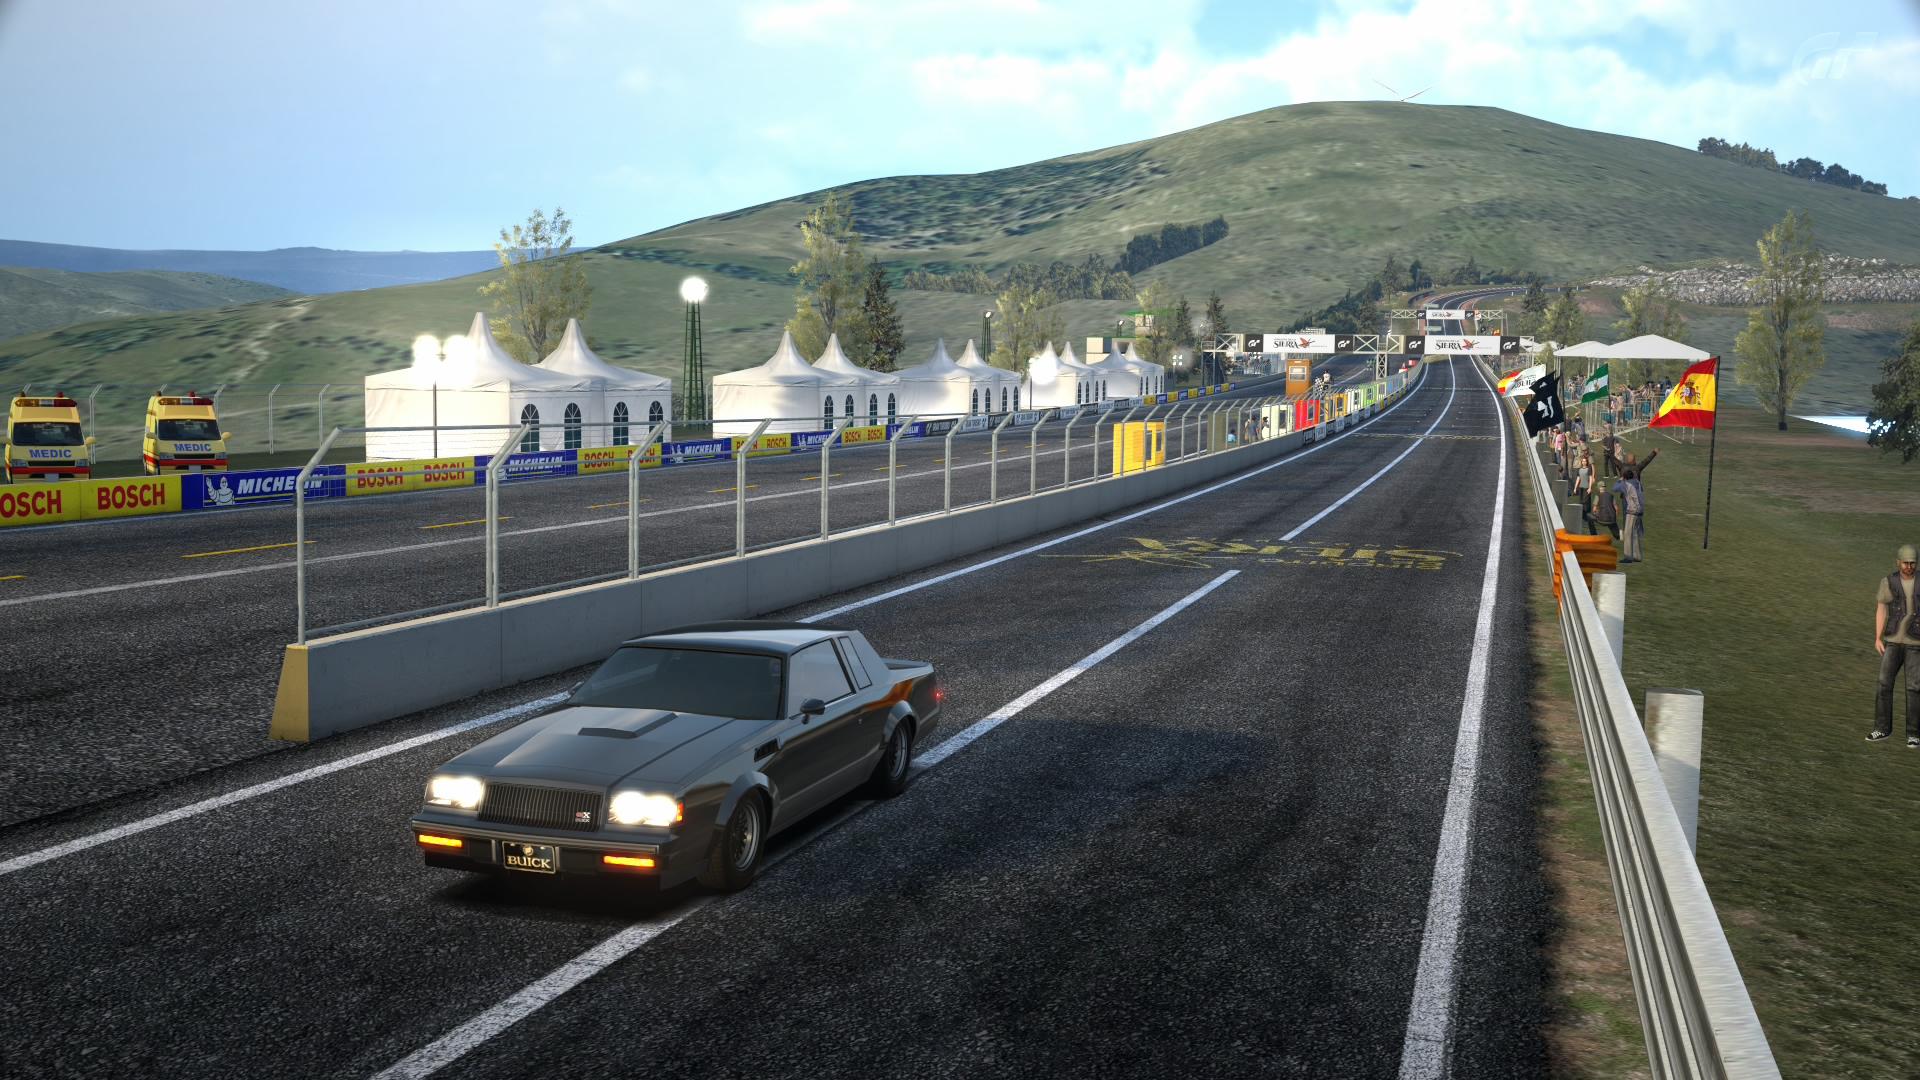 Circuito De Madrid Gran Turismo 5 : Gran turismo buick gnx circuito de la sierra by